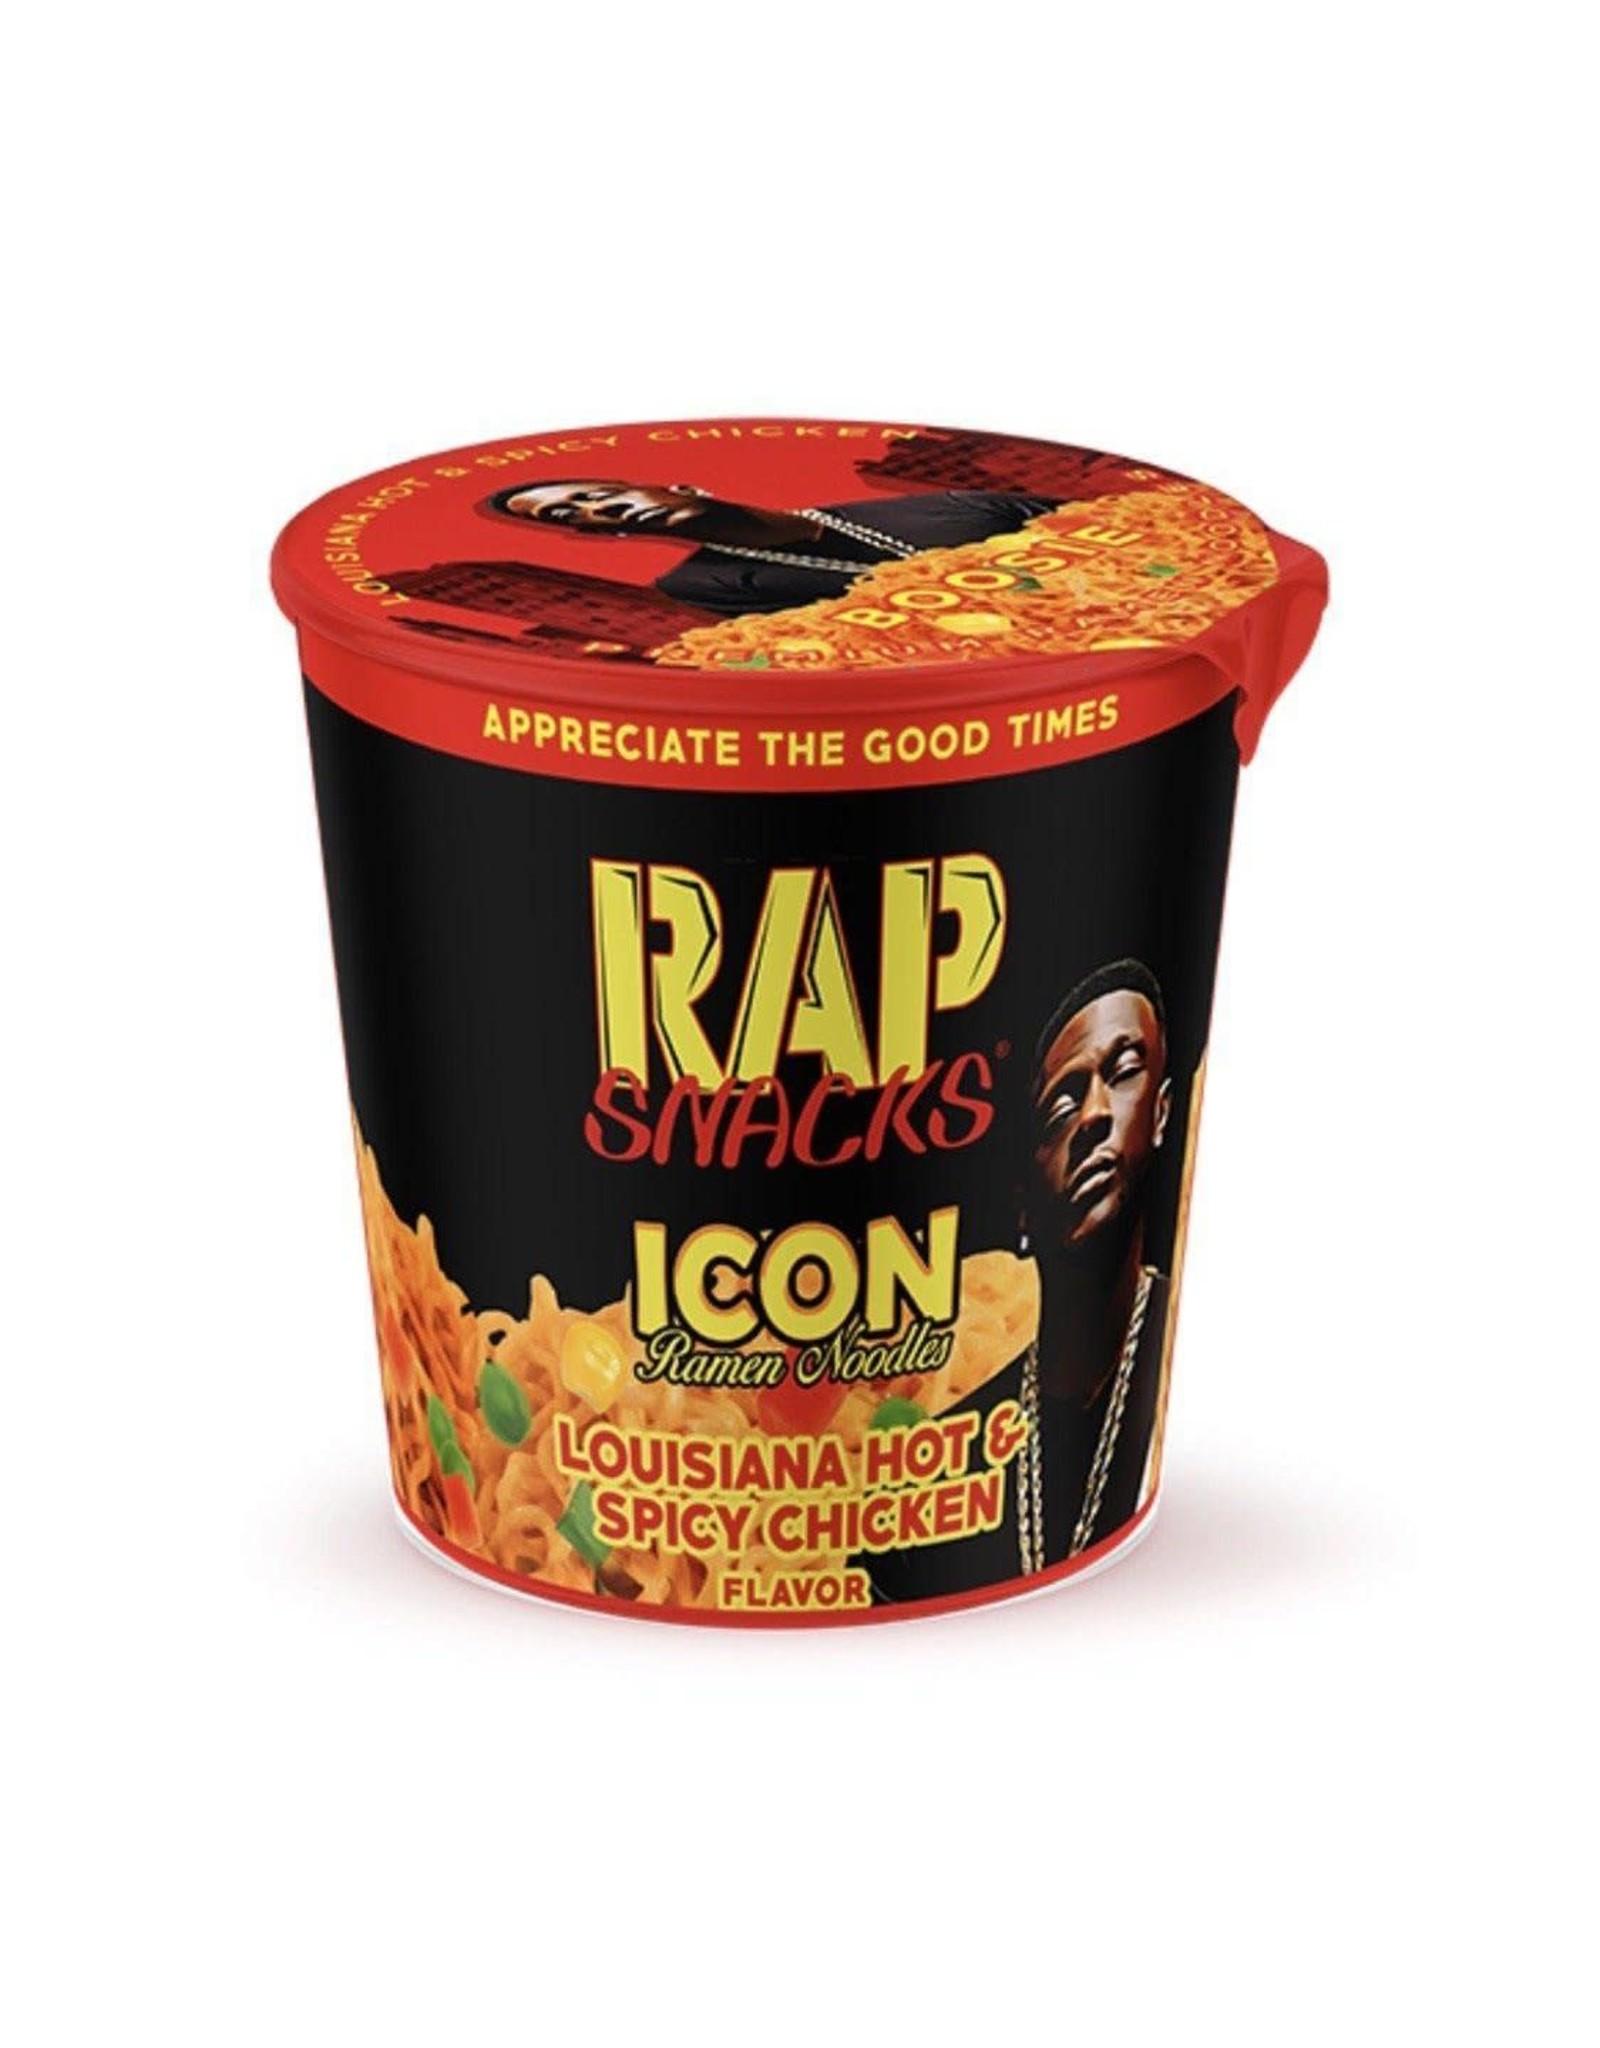 Rap Snacks - Icon Ramen Noodles - Louisiana Hot and Spicy Chicken Flavor - 64g